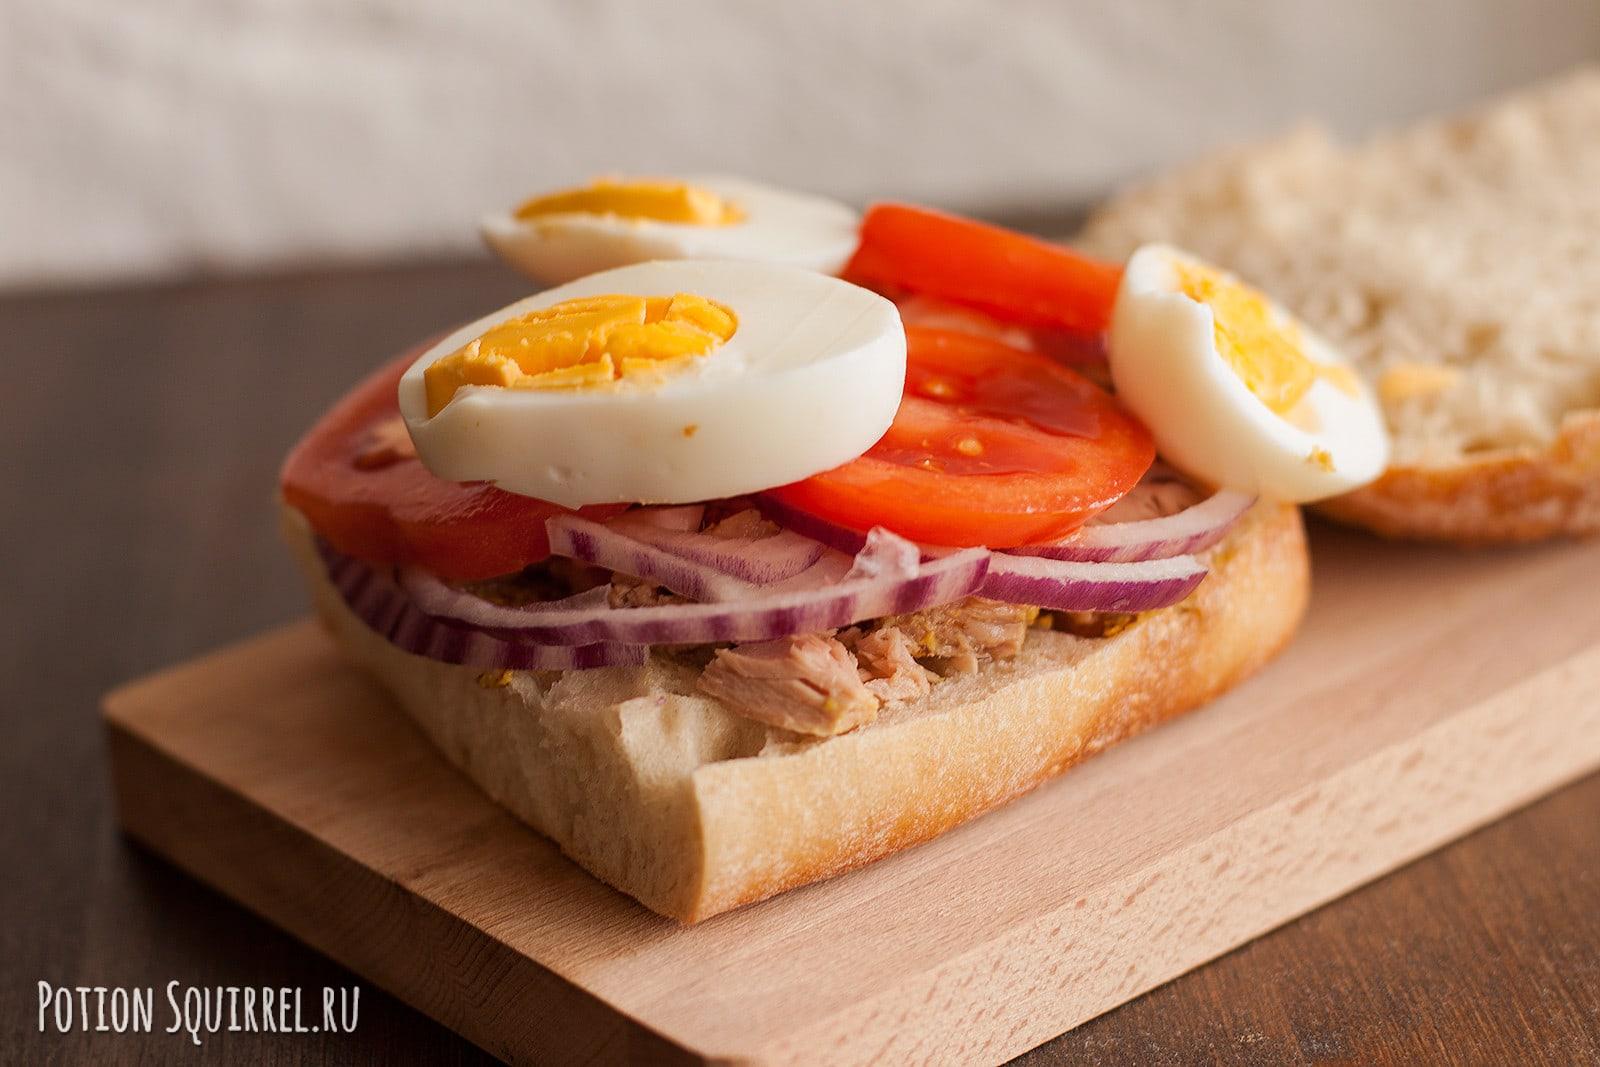 """Отличный сэндвич с тунцом по имени """"Томпсон"""""""